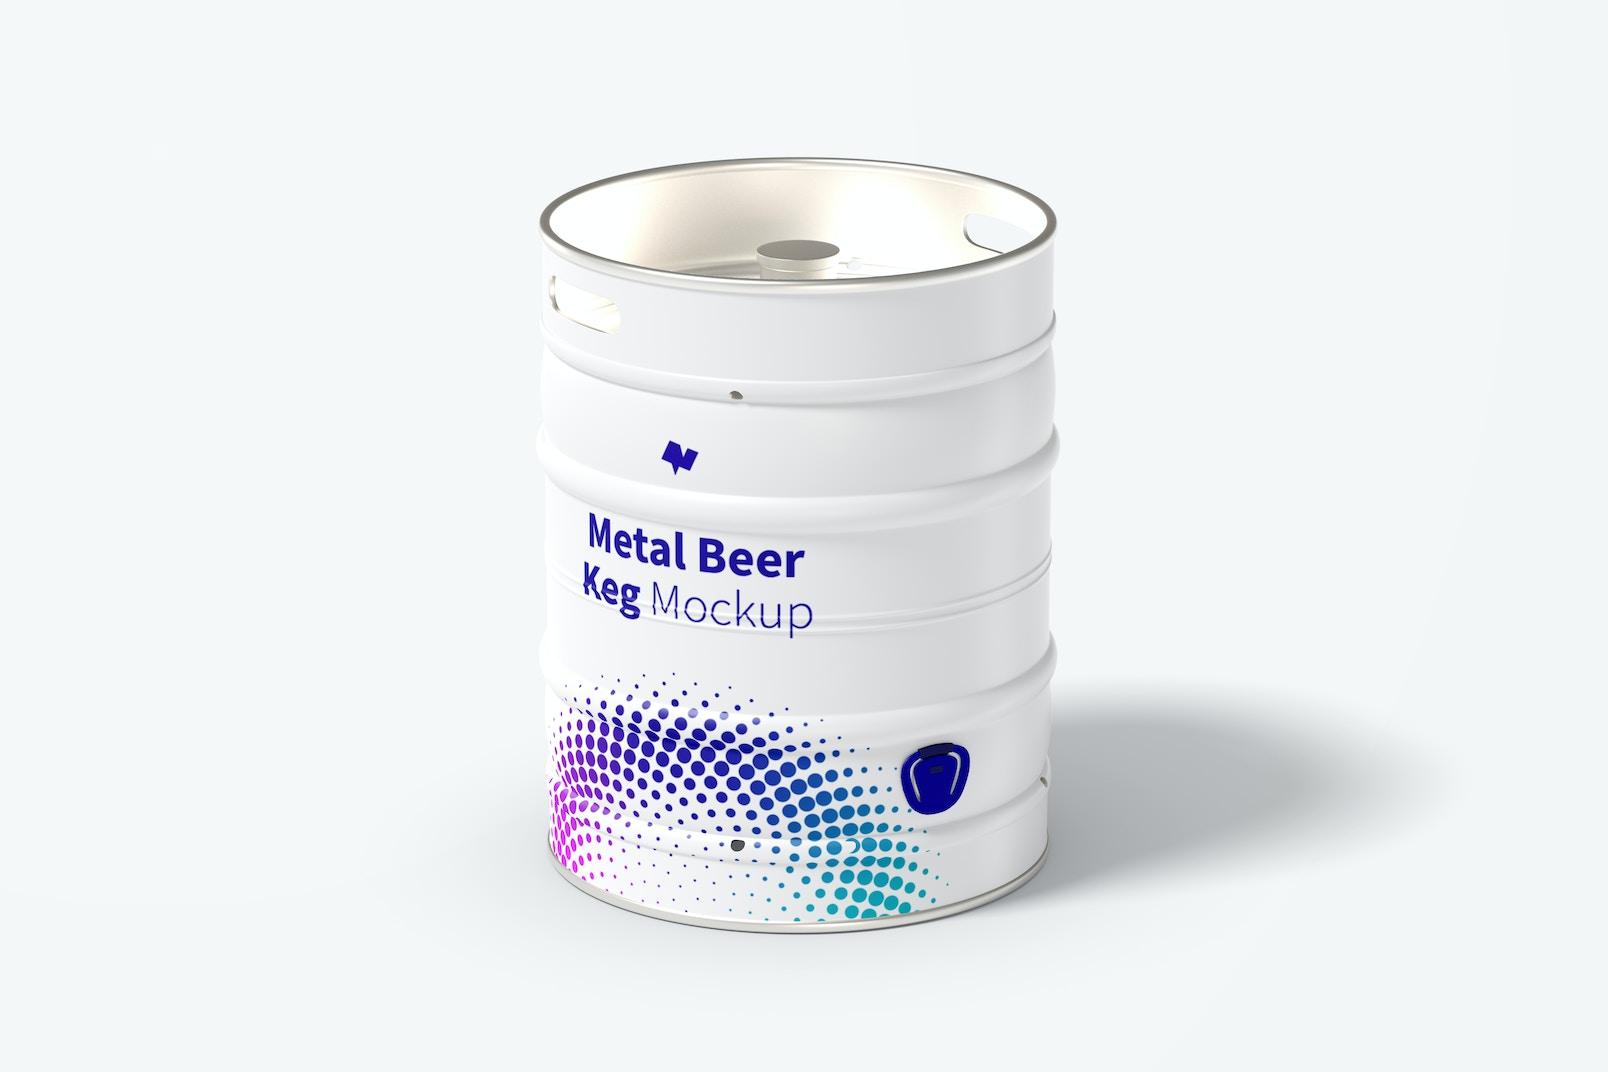 Metal Beer Keg Mockup